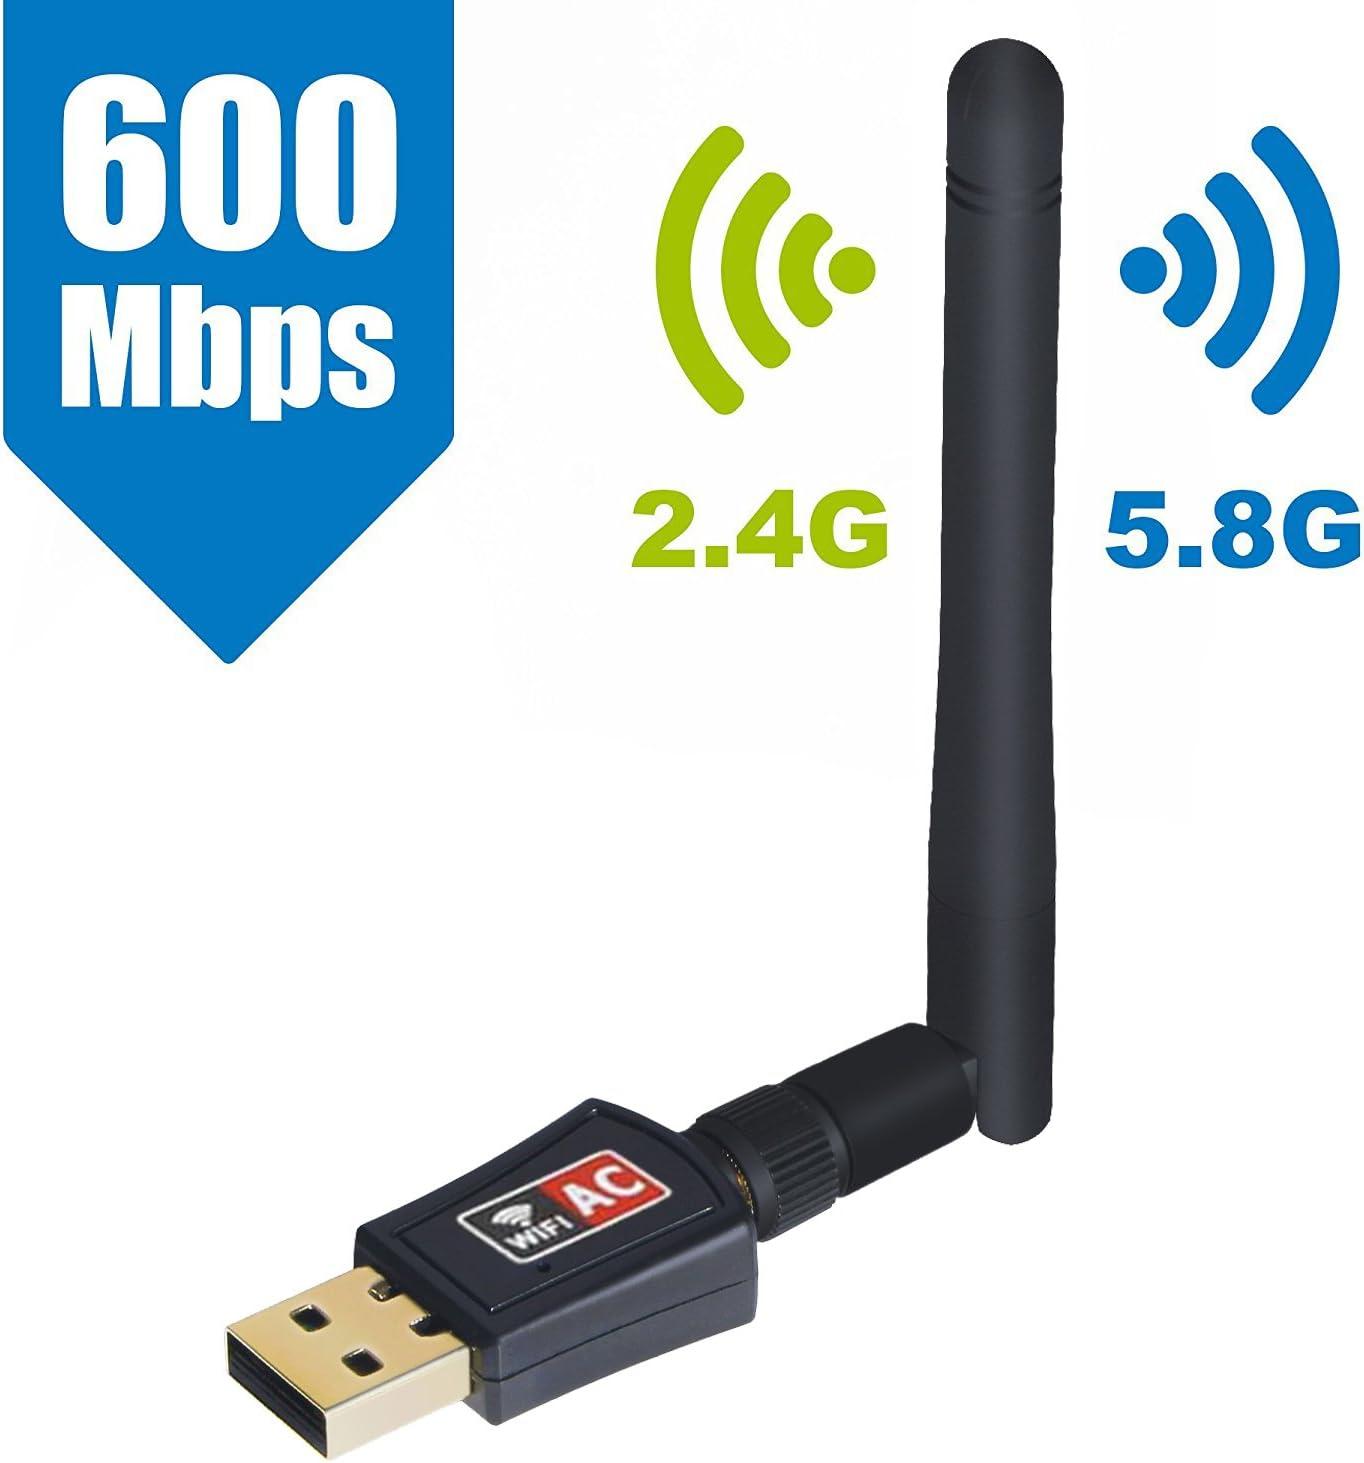 SeeKool Receptor WiFi AC600 Dual Band 5.8 GHz 600Mbps o 2,4 GHz 150 Mbps WLAN Adaptador USB Inalámbrico con Antena Desmontable WiFi Dongel para Windows XP/Vista/7/8/10, Mac OS: Amazon.es: Electrónica